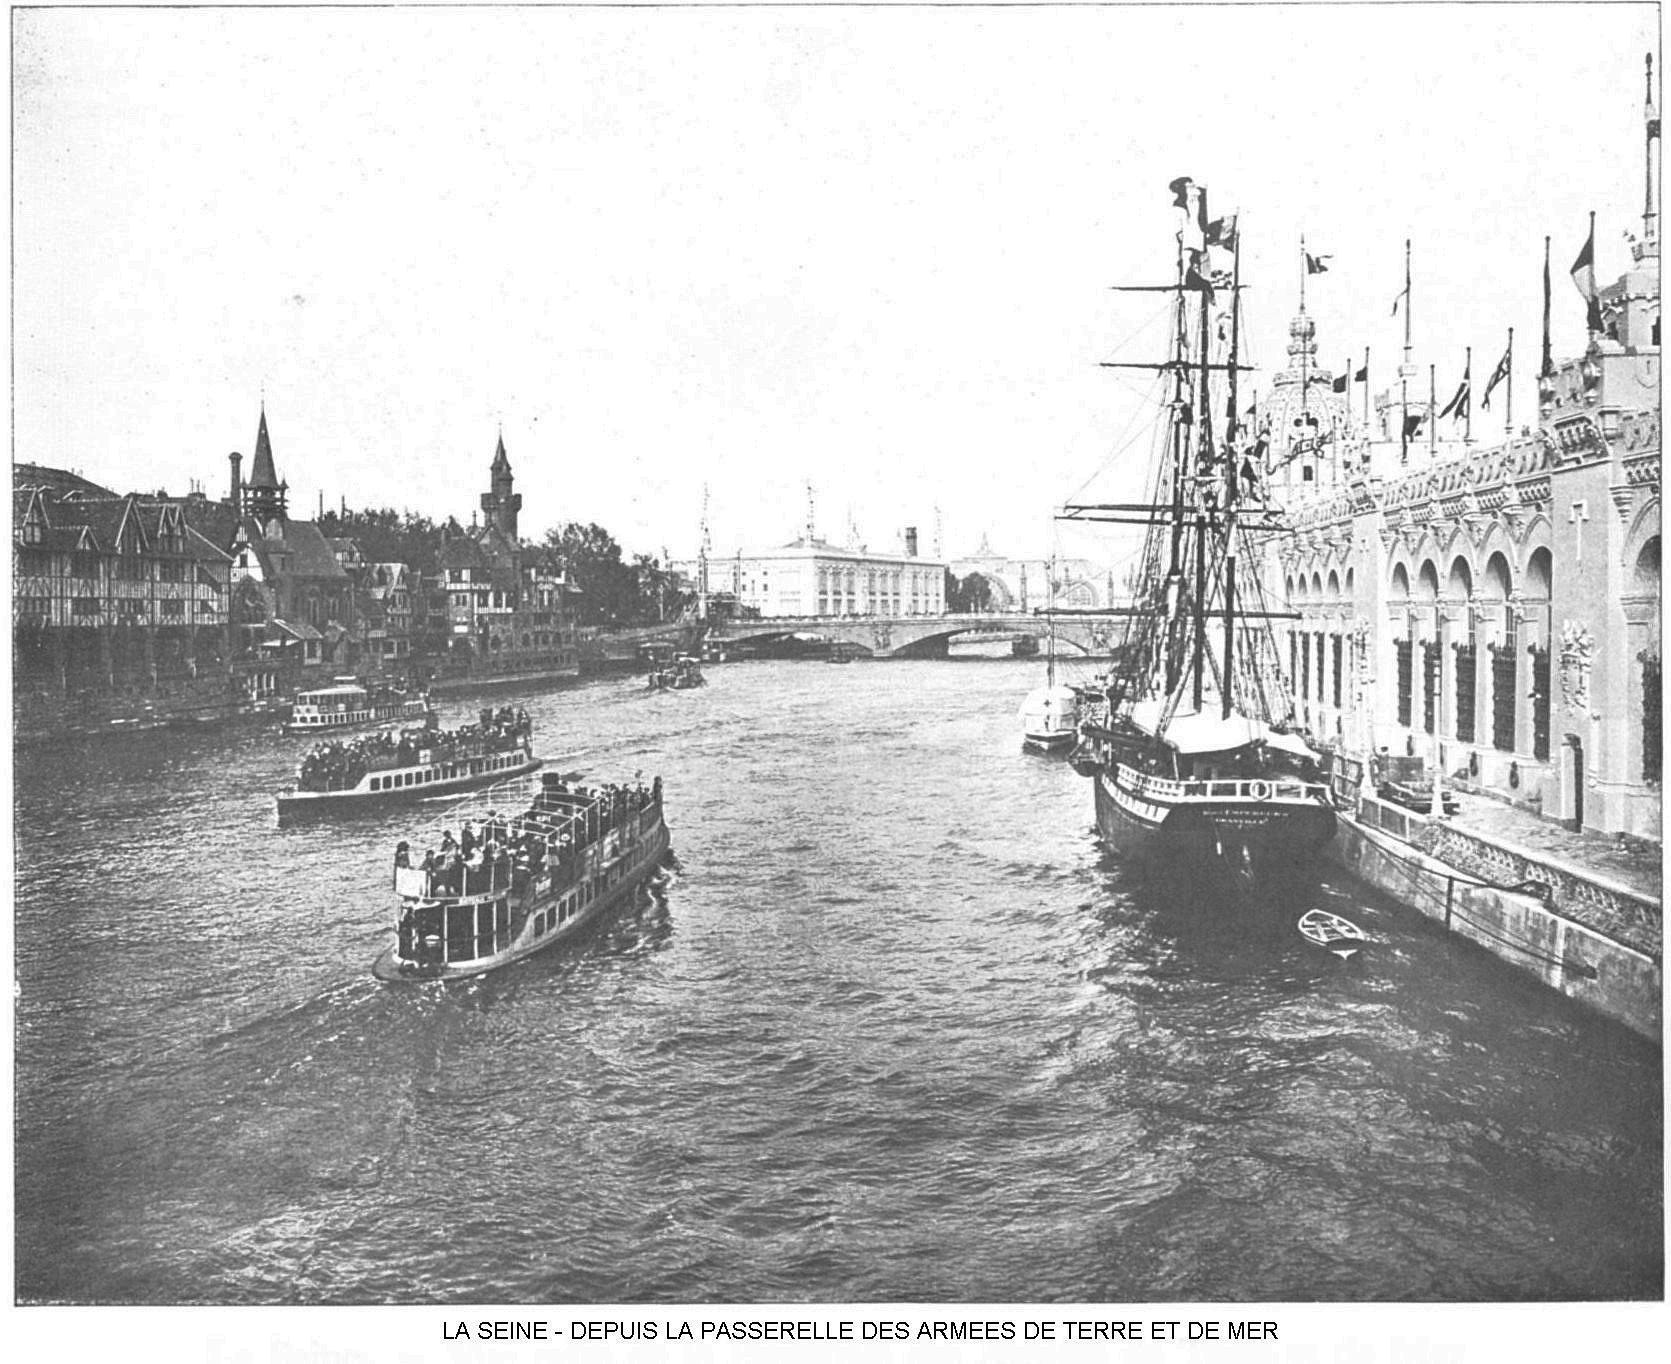 Ressources histoire exposition universelle 1900 la seine depuis la passerelle des armees de terre et de mer